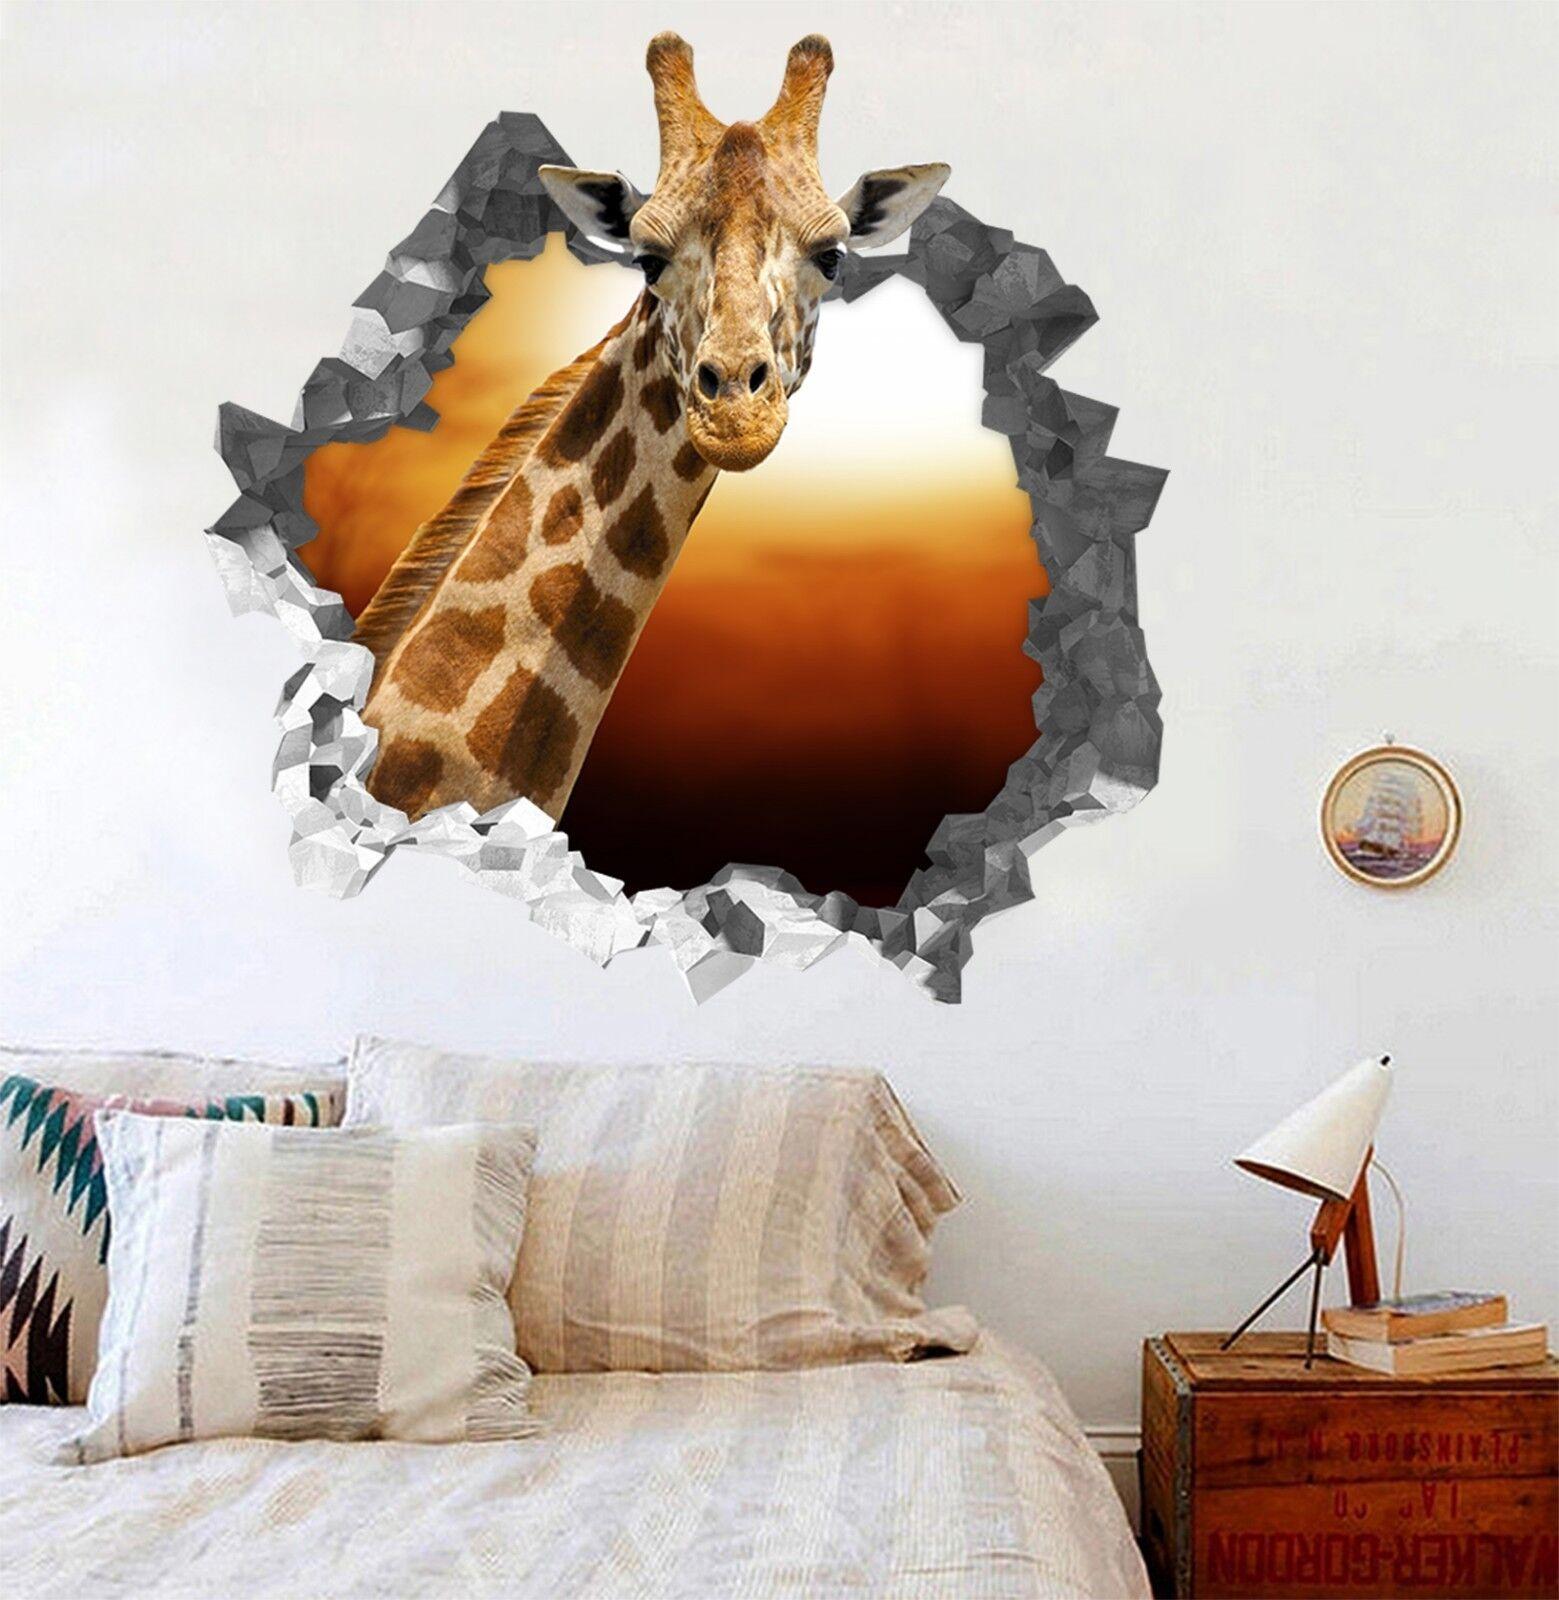 3D Lustige Giraffe Mauer Murals Mauer Aufklebe Decal Durchbruch AJ WALLPAPER DE